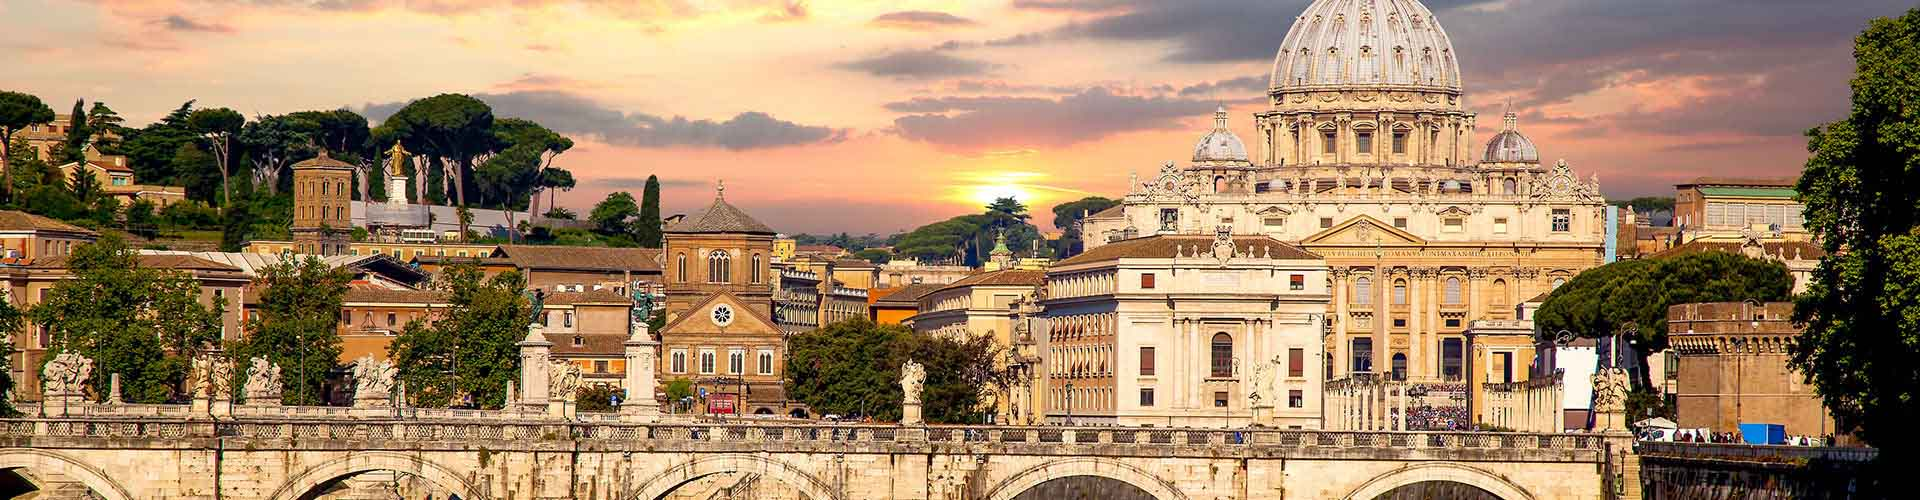 Rome - Chambres pas chères dans le quartier de Quartier S.Basilio. Cartes pour Rome, photos et commentaires pour chaque chambre à Rome.